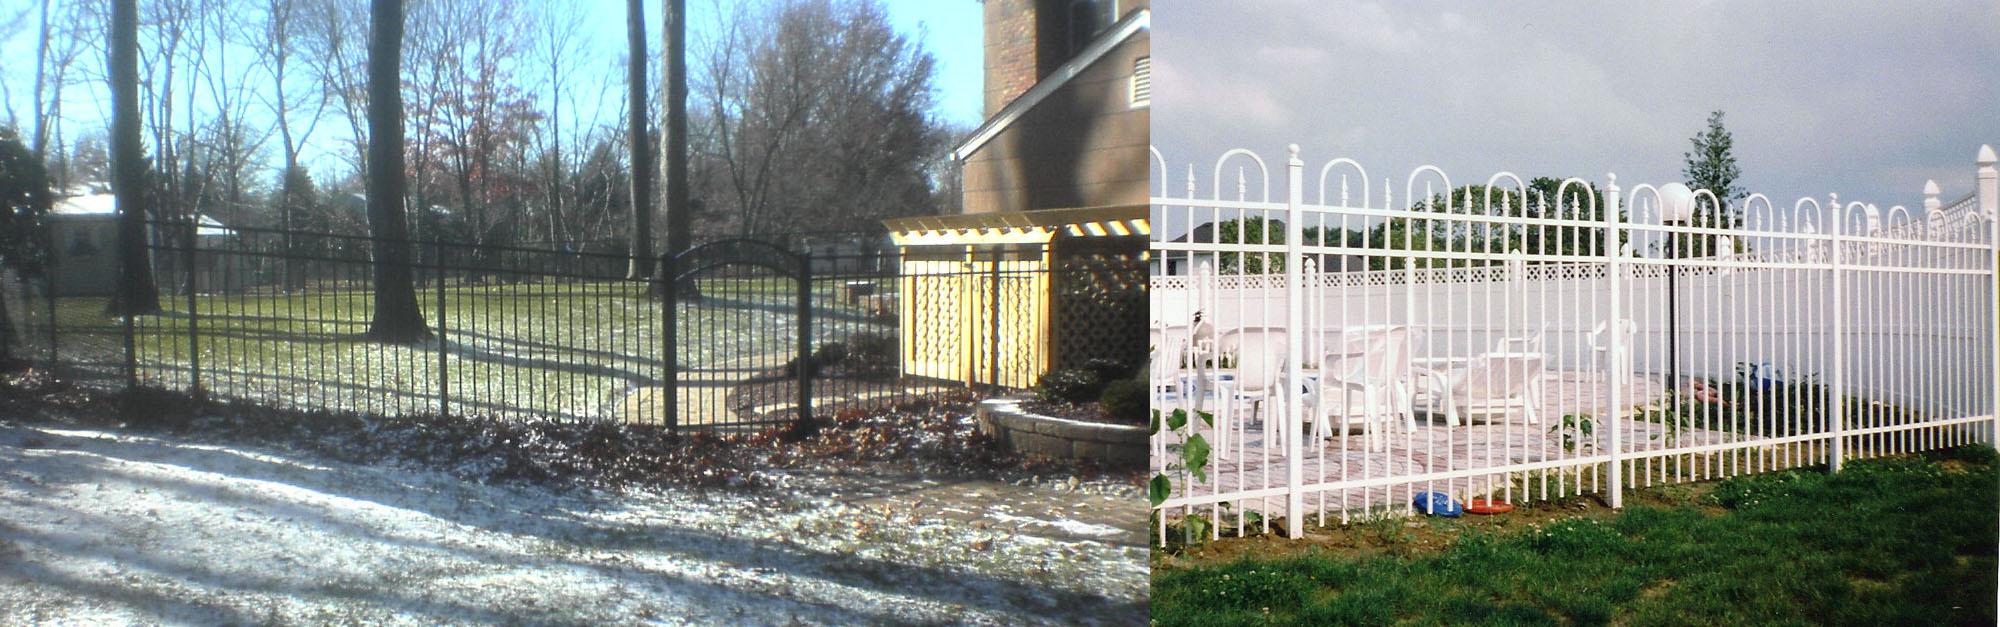 Quality Fence Company Www Qualityfence Com New Jersey